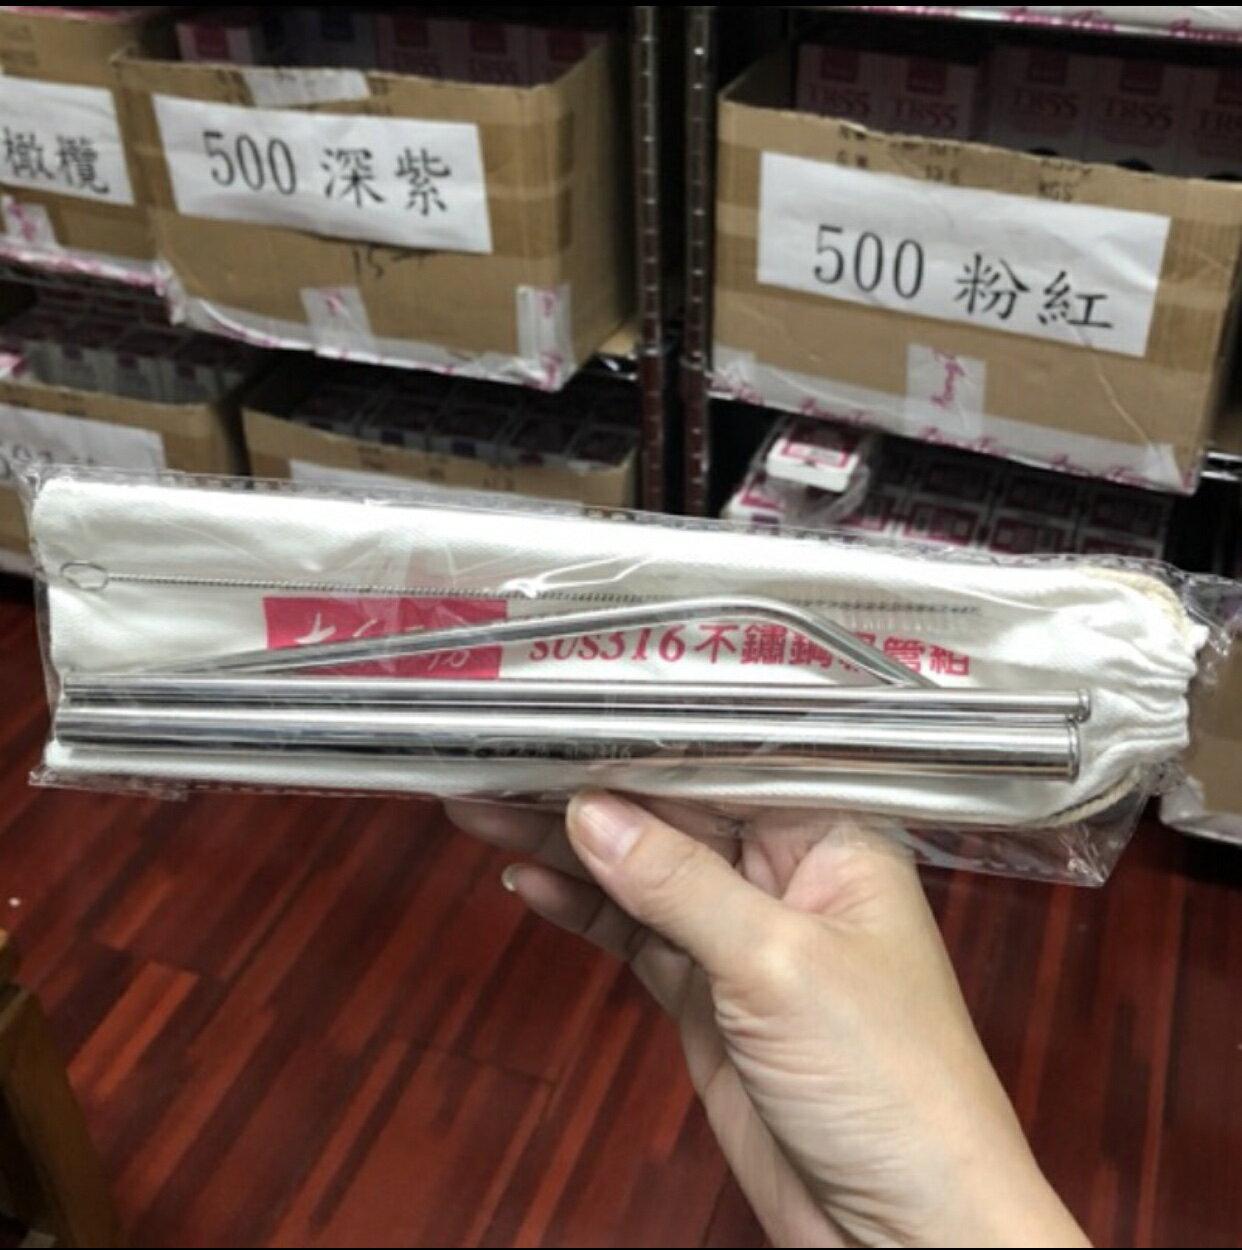 太和工房sus316不銹鋼吸管組1組(4入)